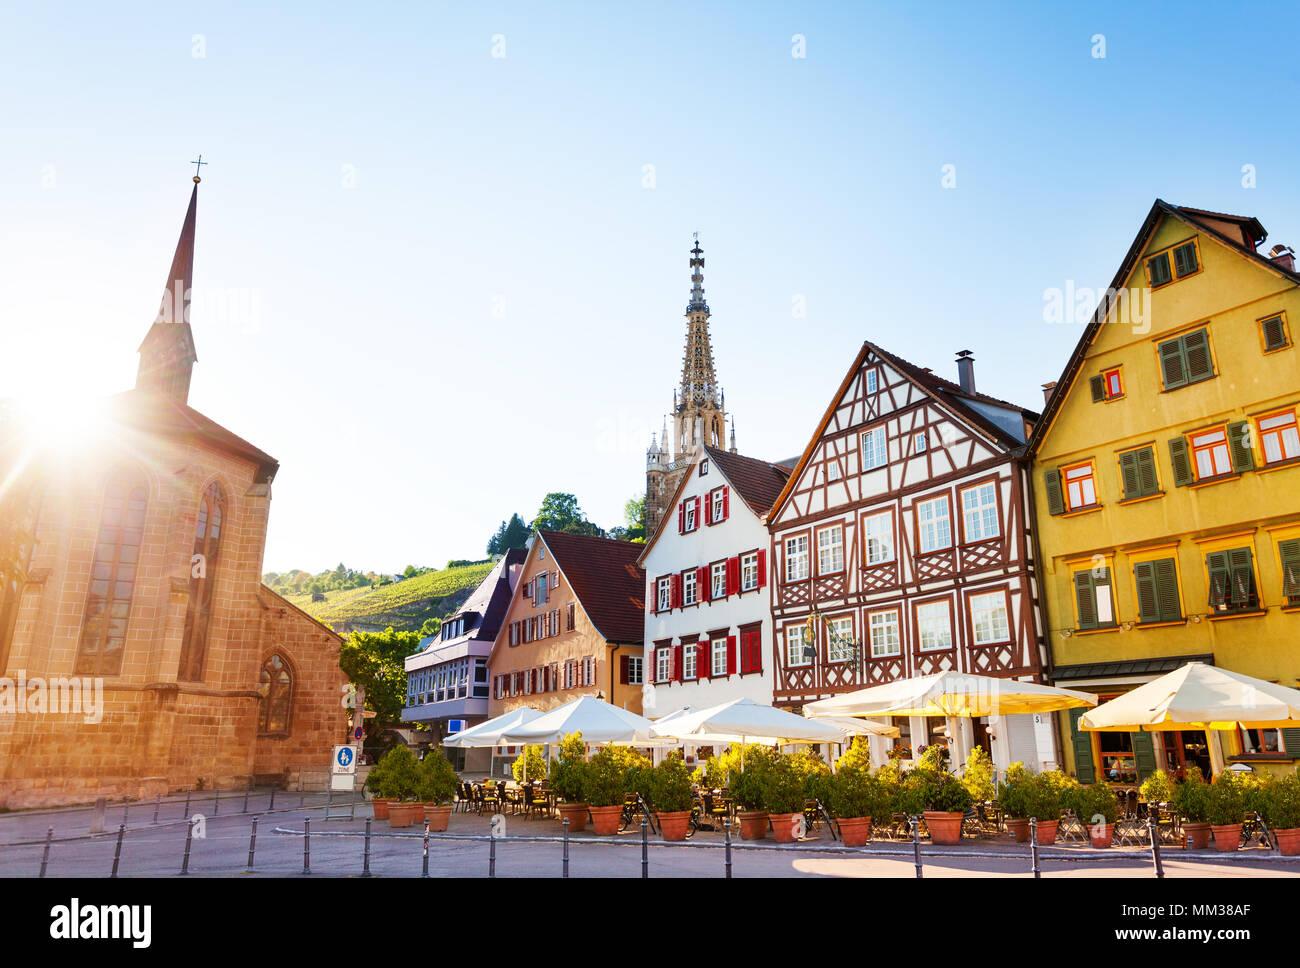 Marktplatz von Esslingen und Turm der Frauenkirche Frauenkirche in der Ferne, in Deutschland, in Europa Stockbild